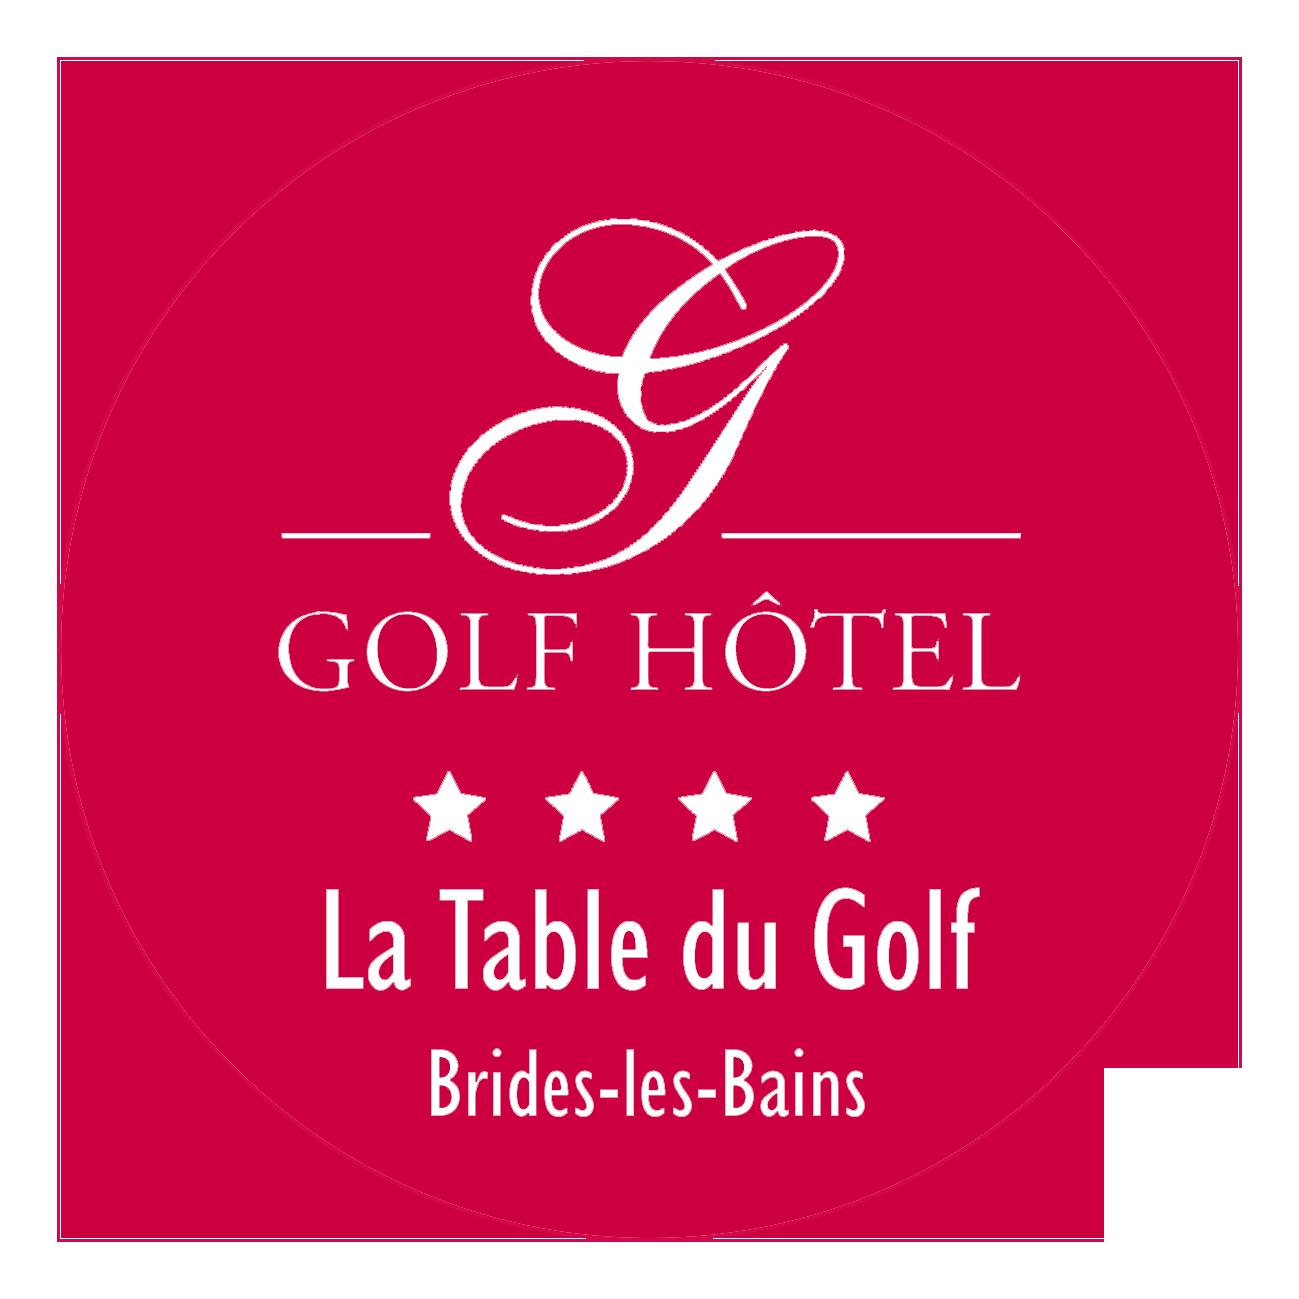 Our restaurant - Site officiel Golf Hôtel Brides-les-Bains